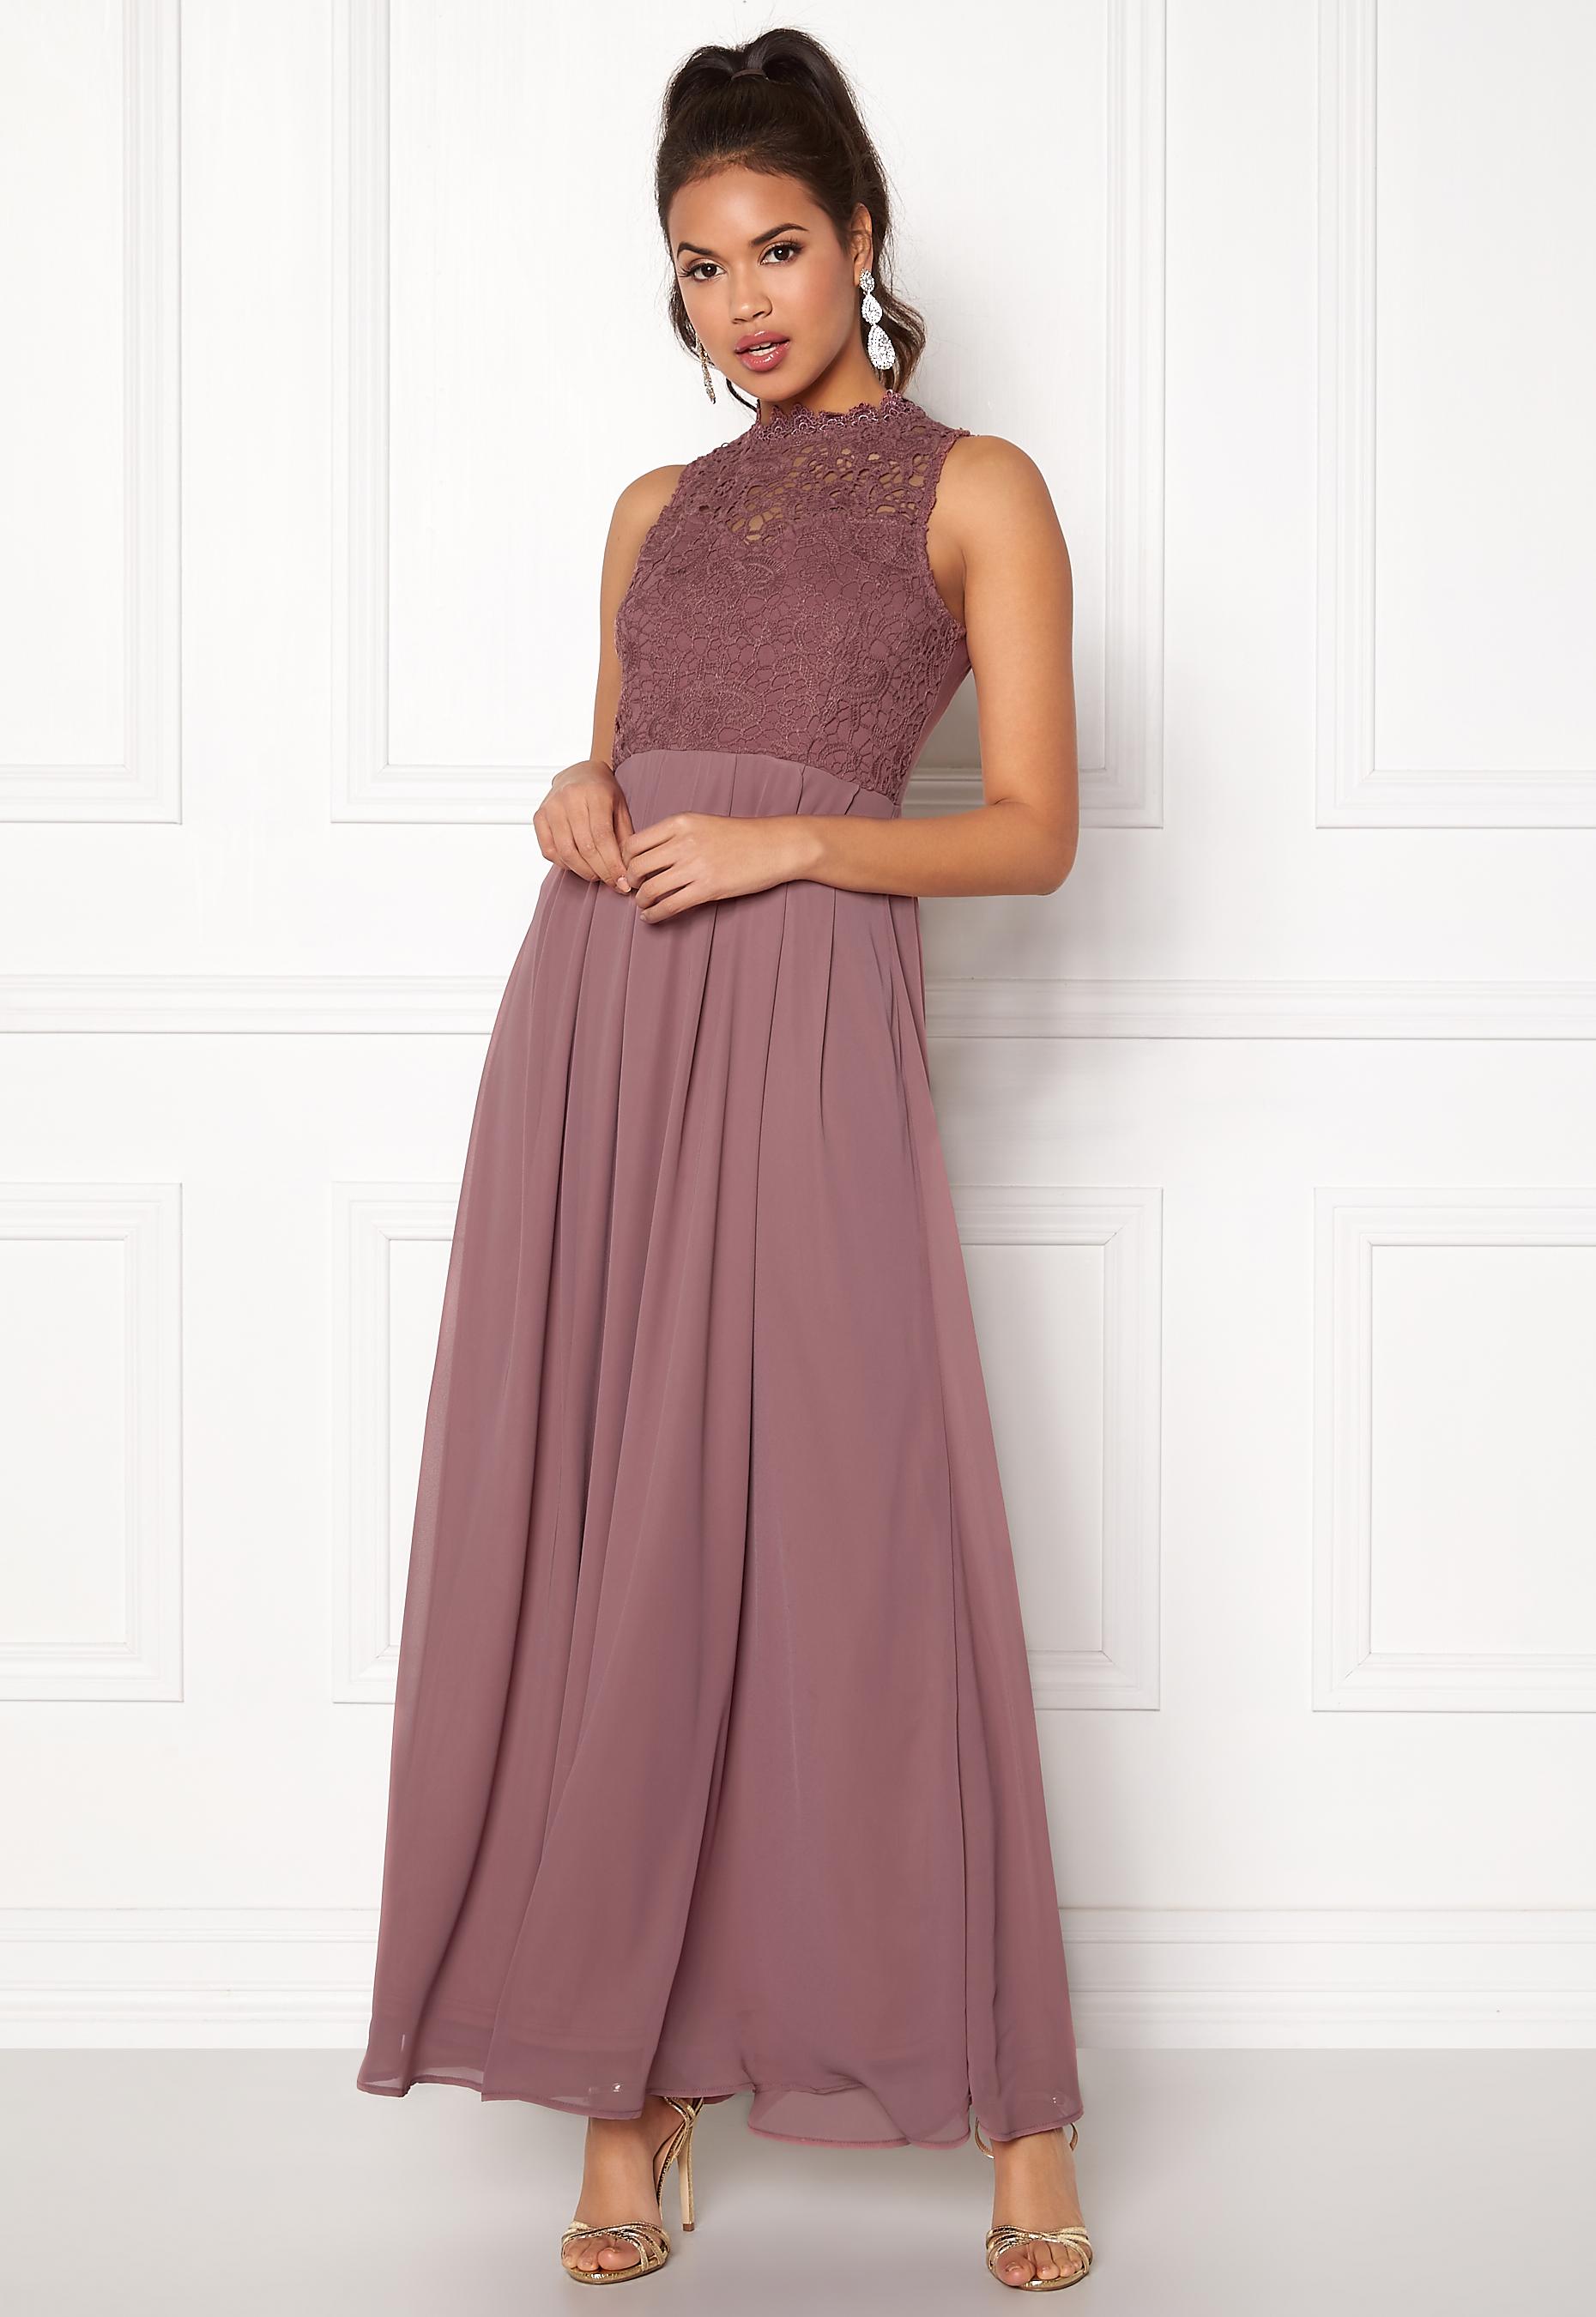 5032d2785a49 AX Paris Crochet Top Chiffon Maxi Dress Mauve - Bubbleroom